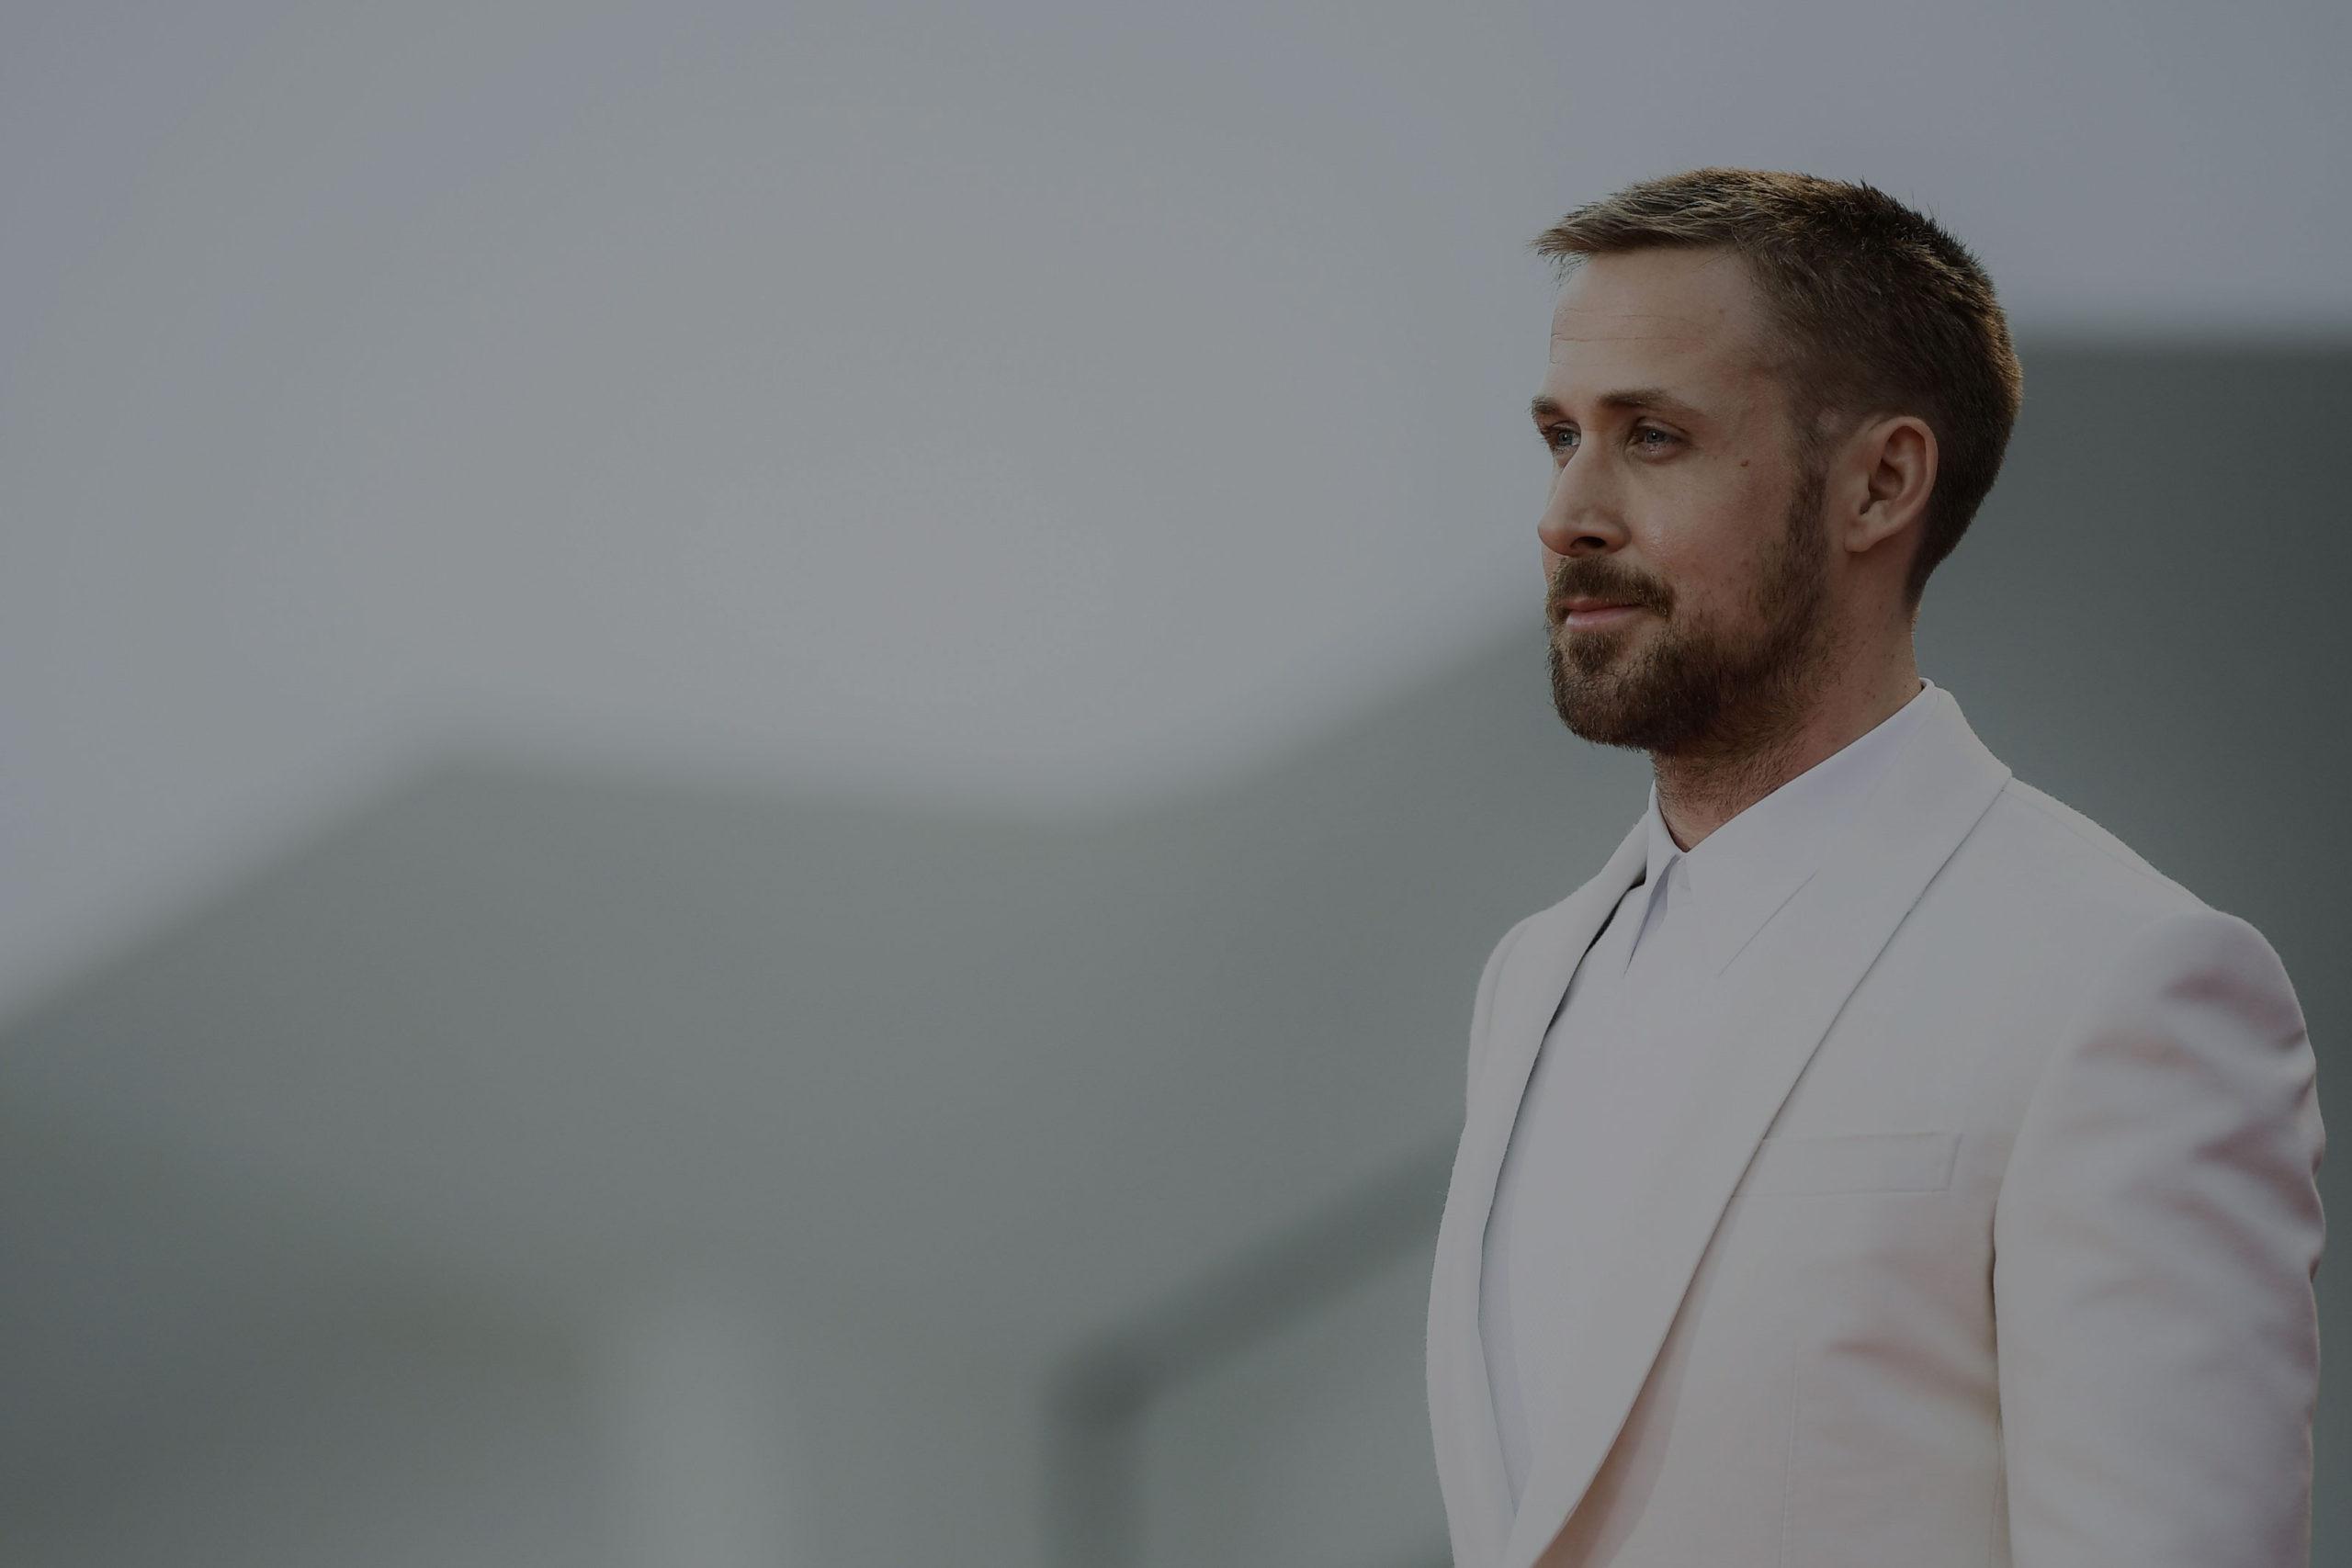 Ryan Gosling saját étterme